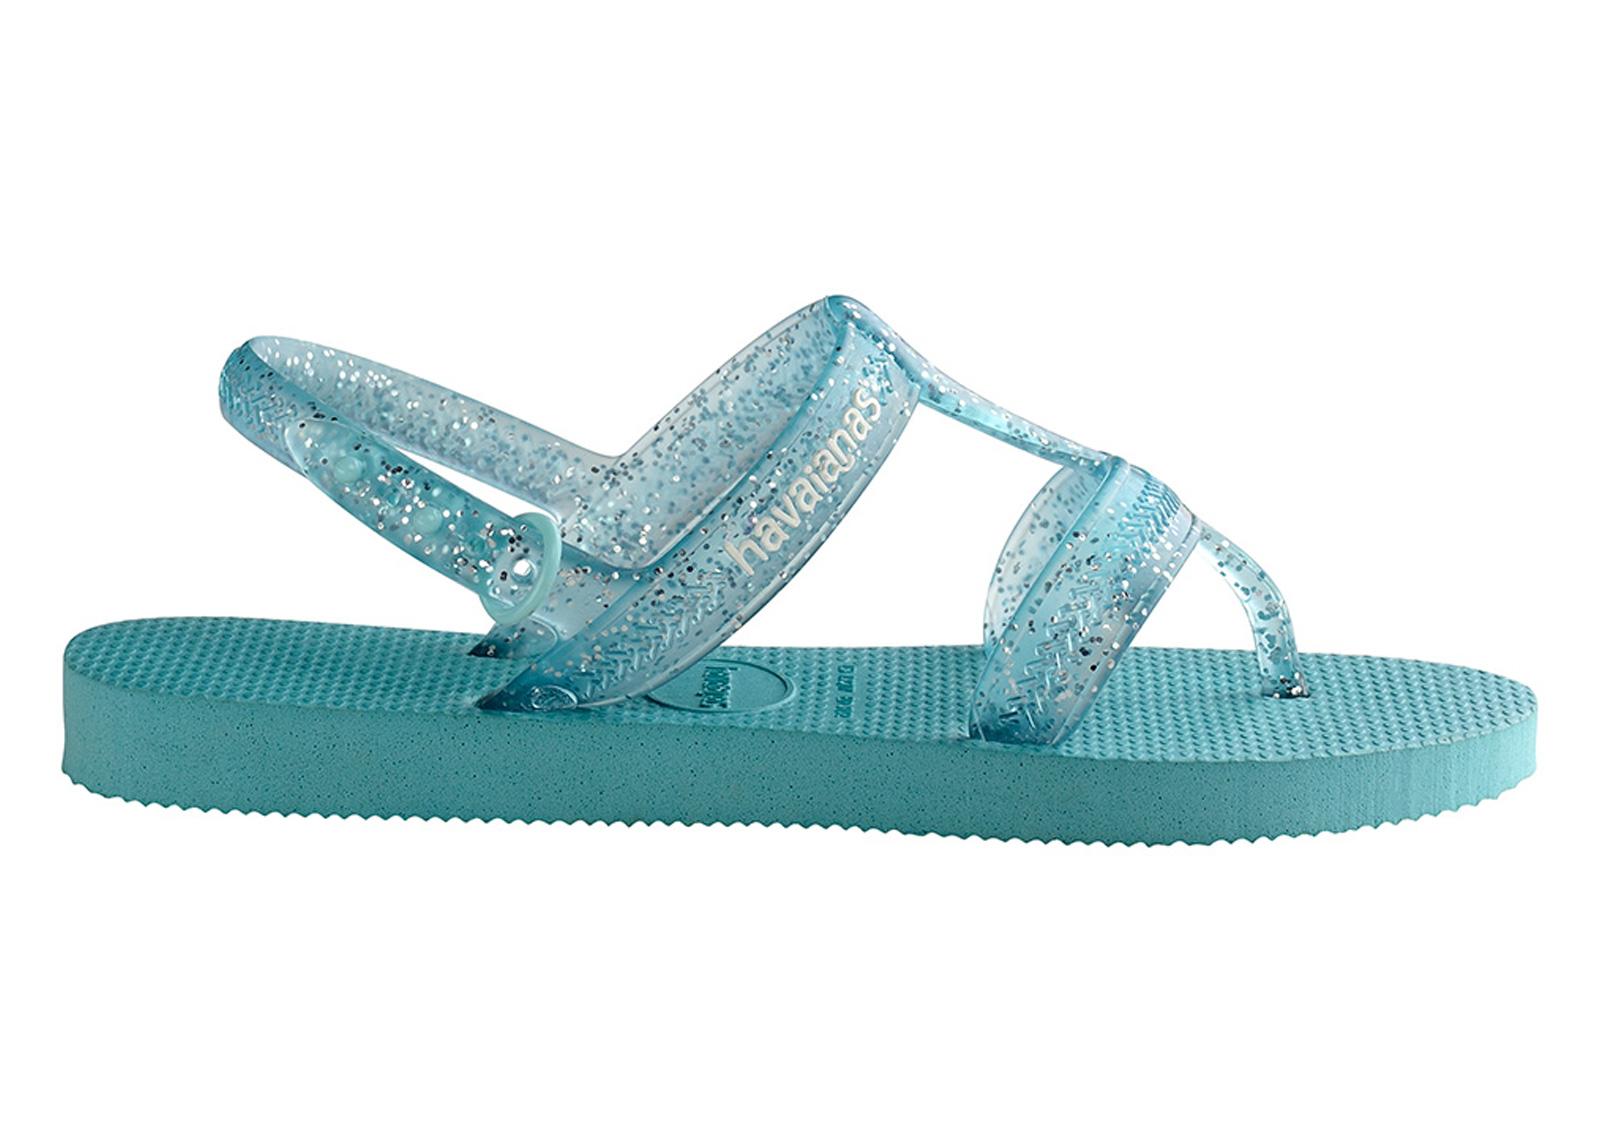 af13569af45a0 Flip-Flops Kids Joy Blue - Brand Havaianas